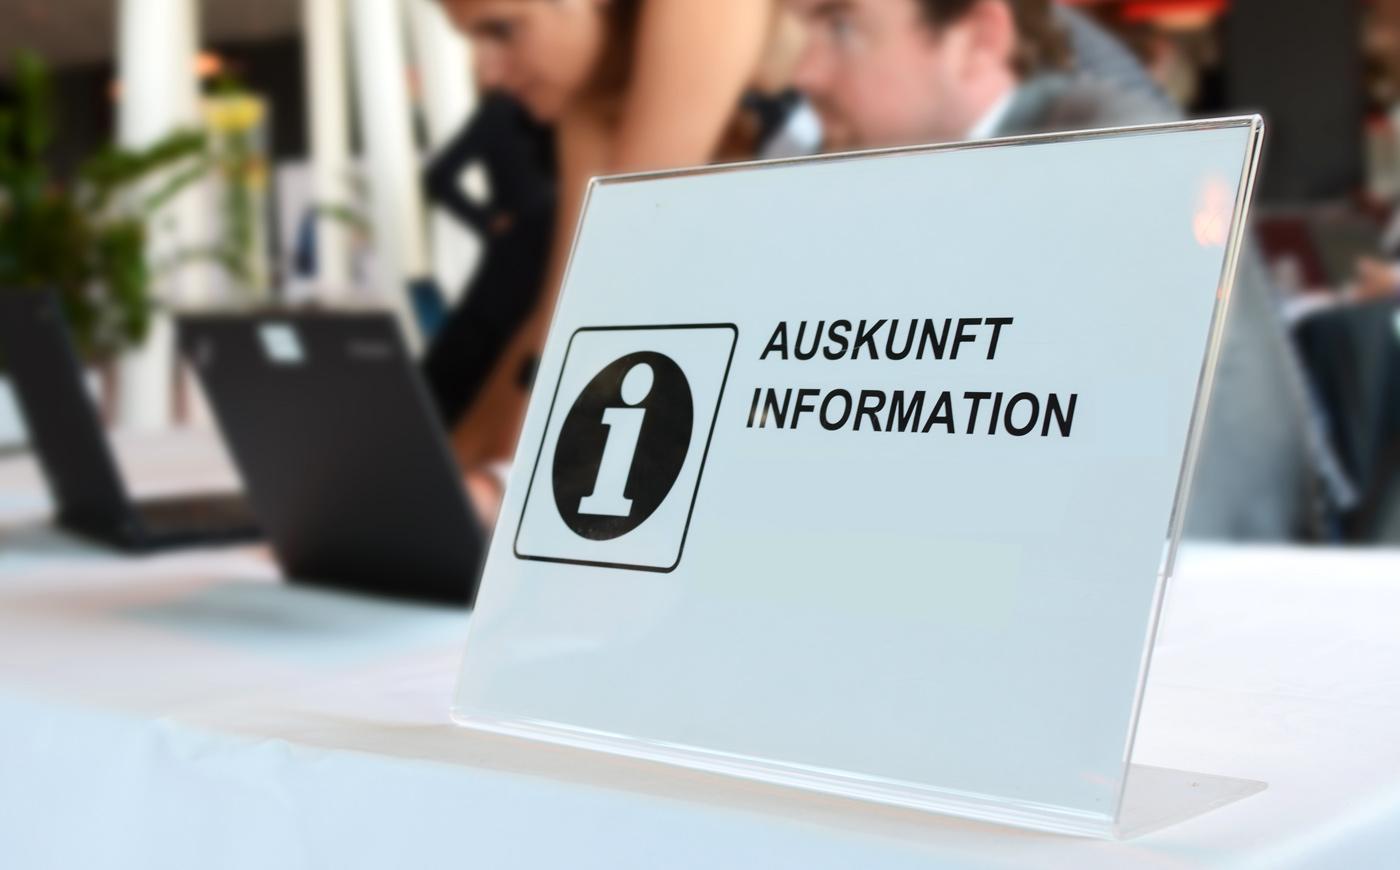 Label-Suisse-Auskunft-Information